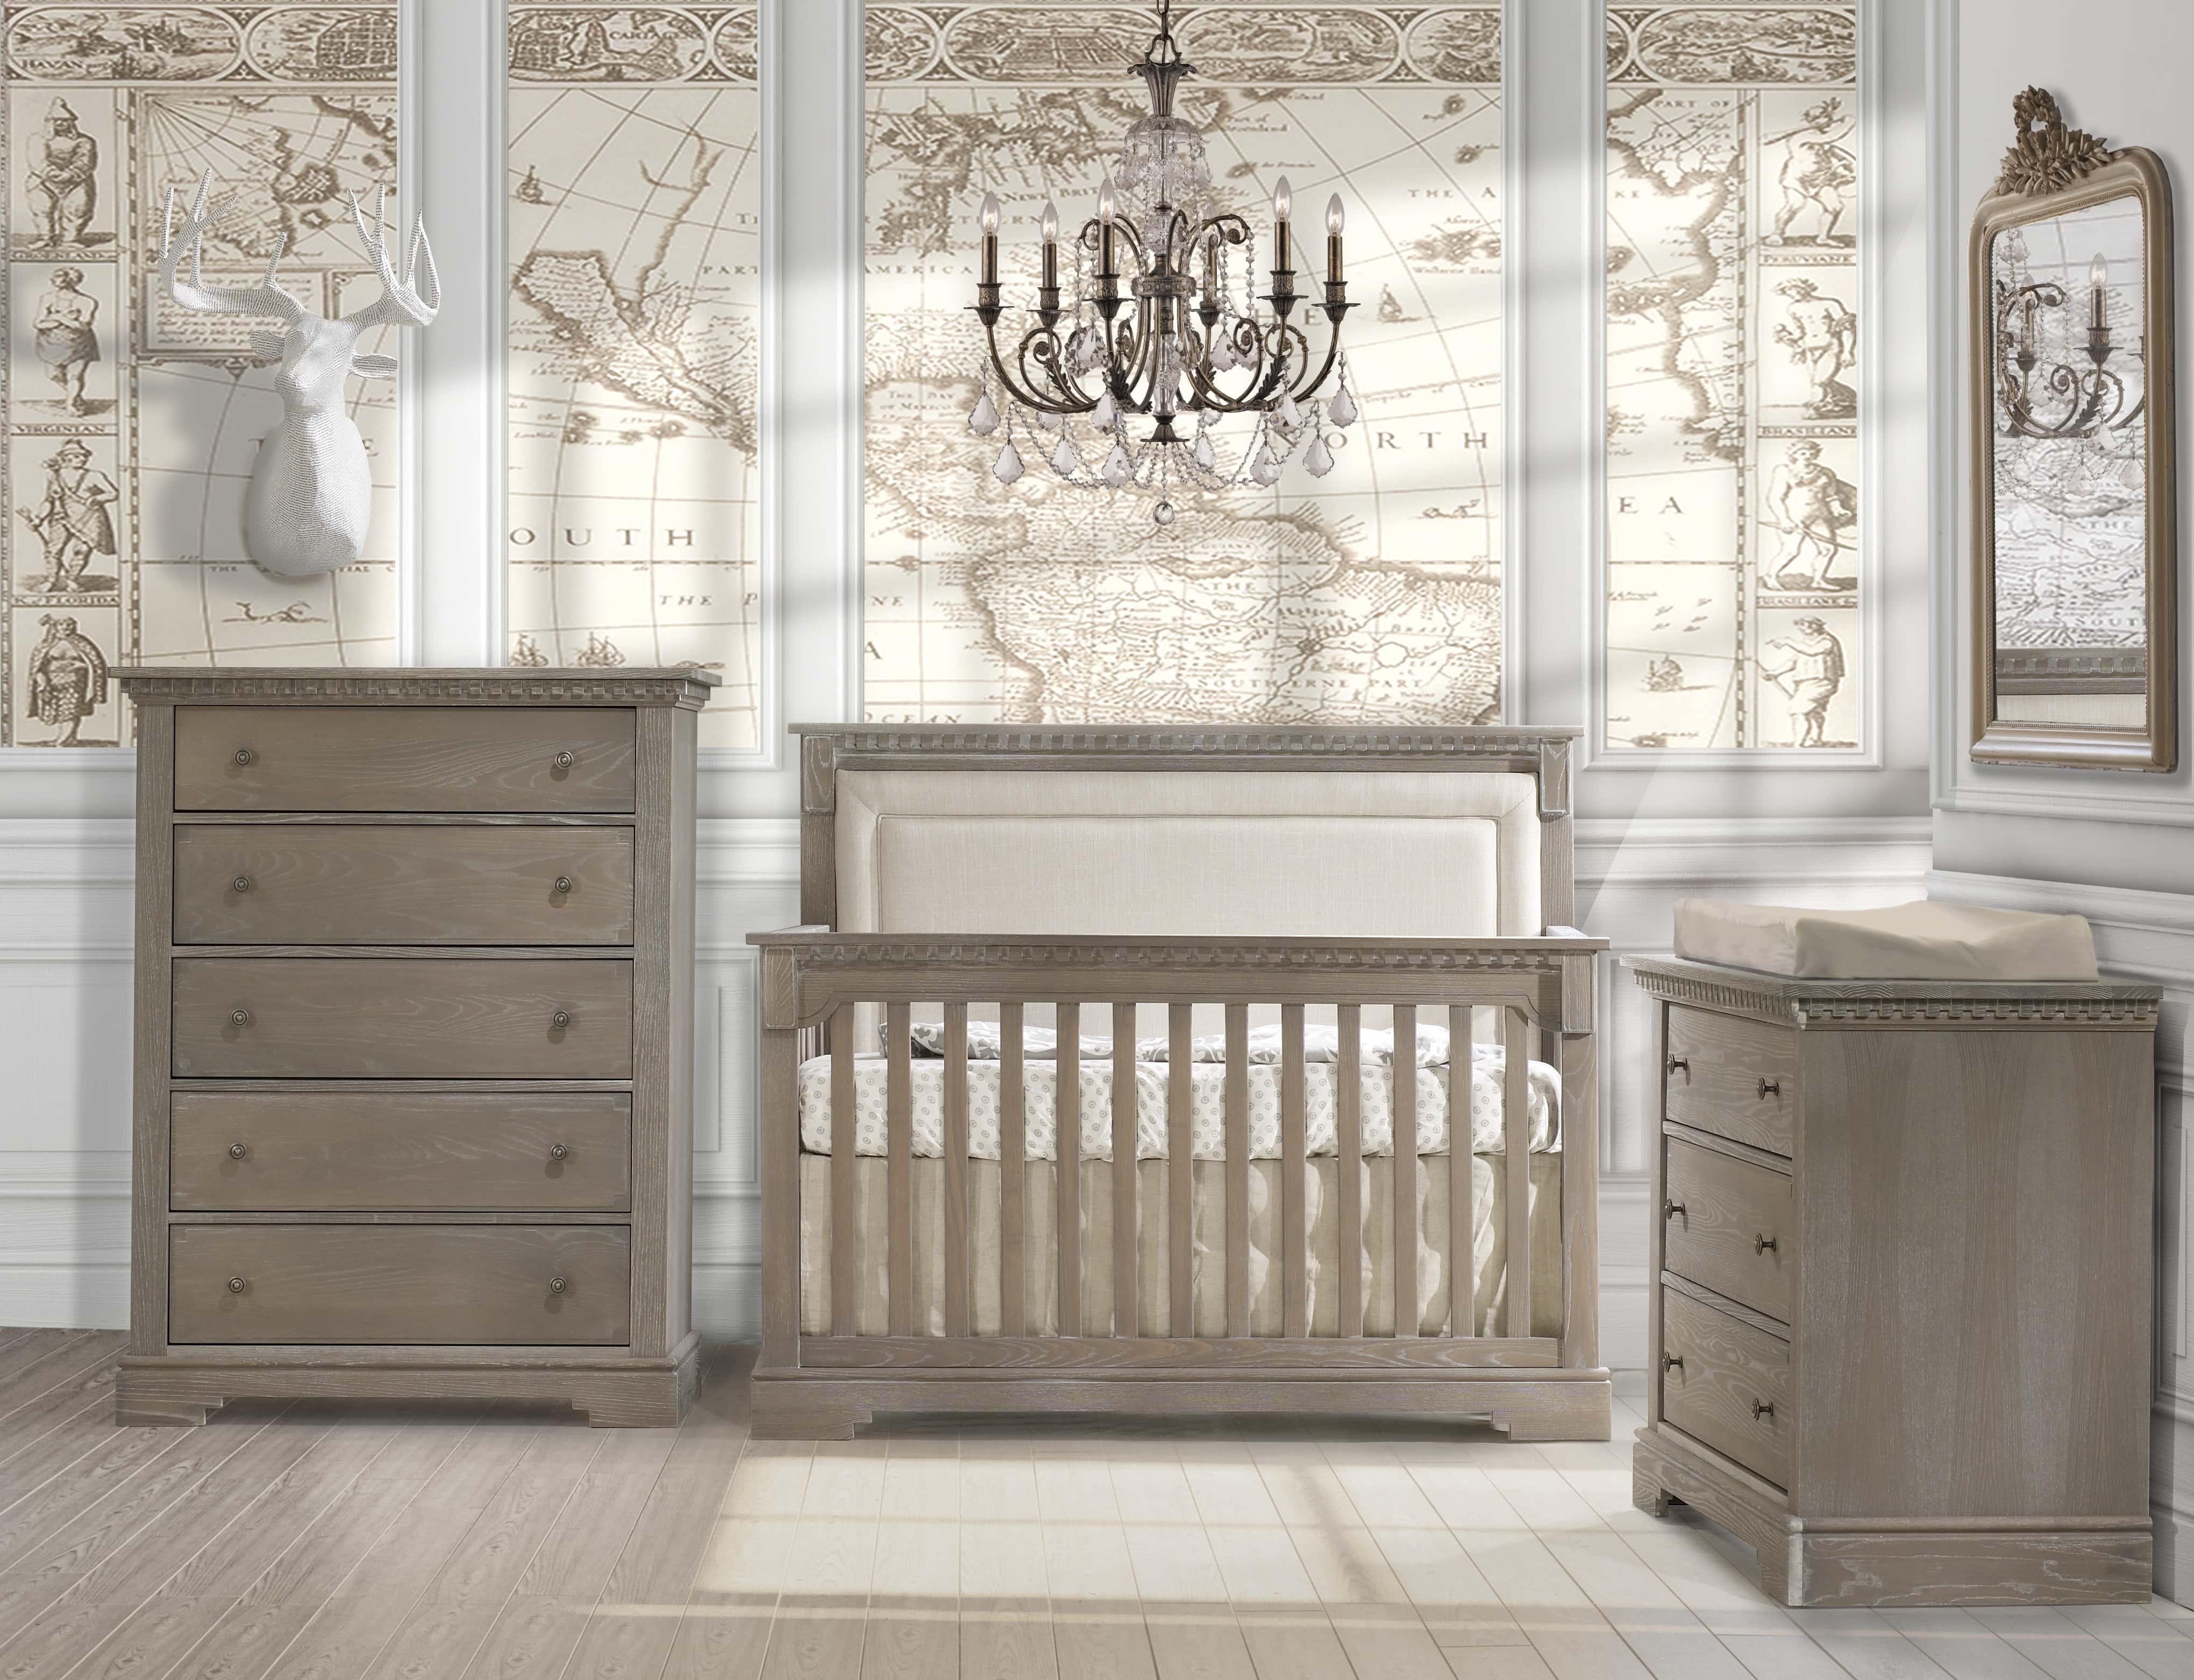 Ithaca Furniture Natart Juvenile